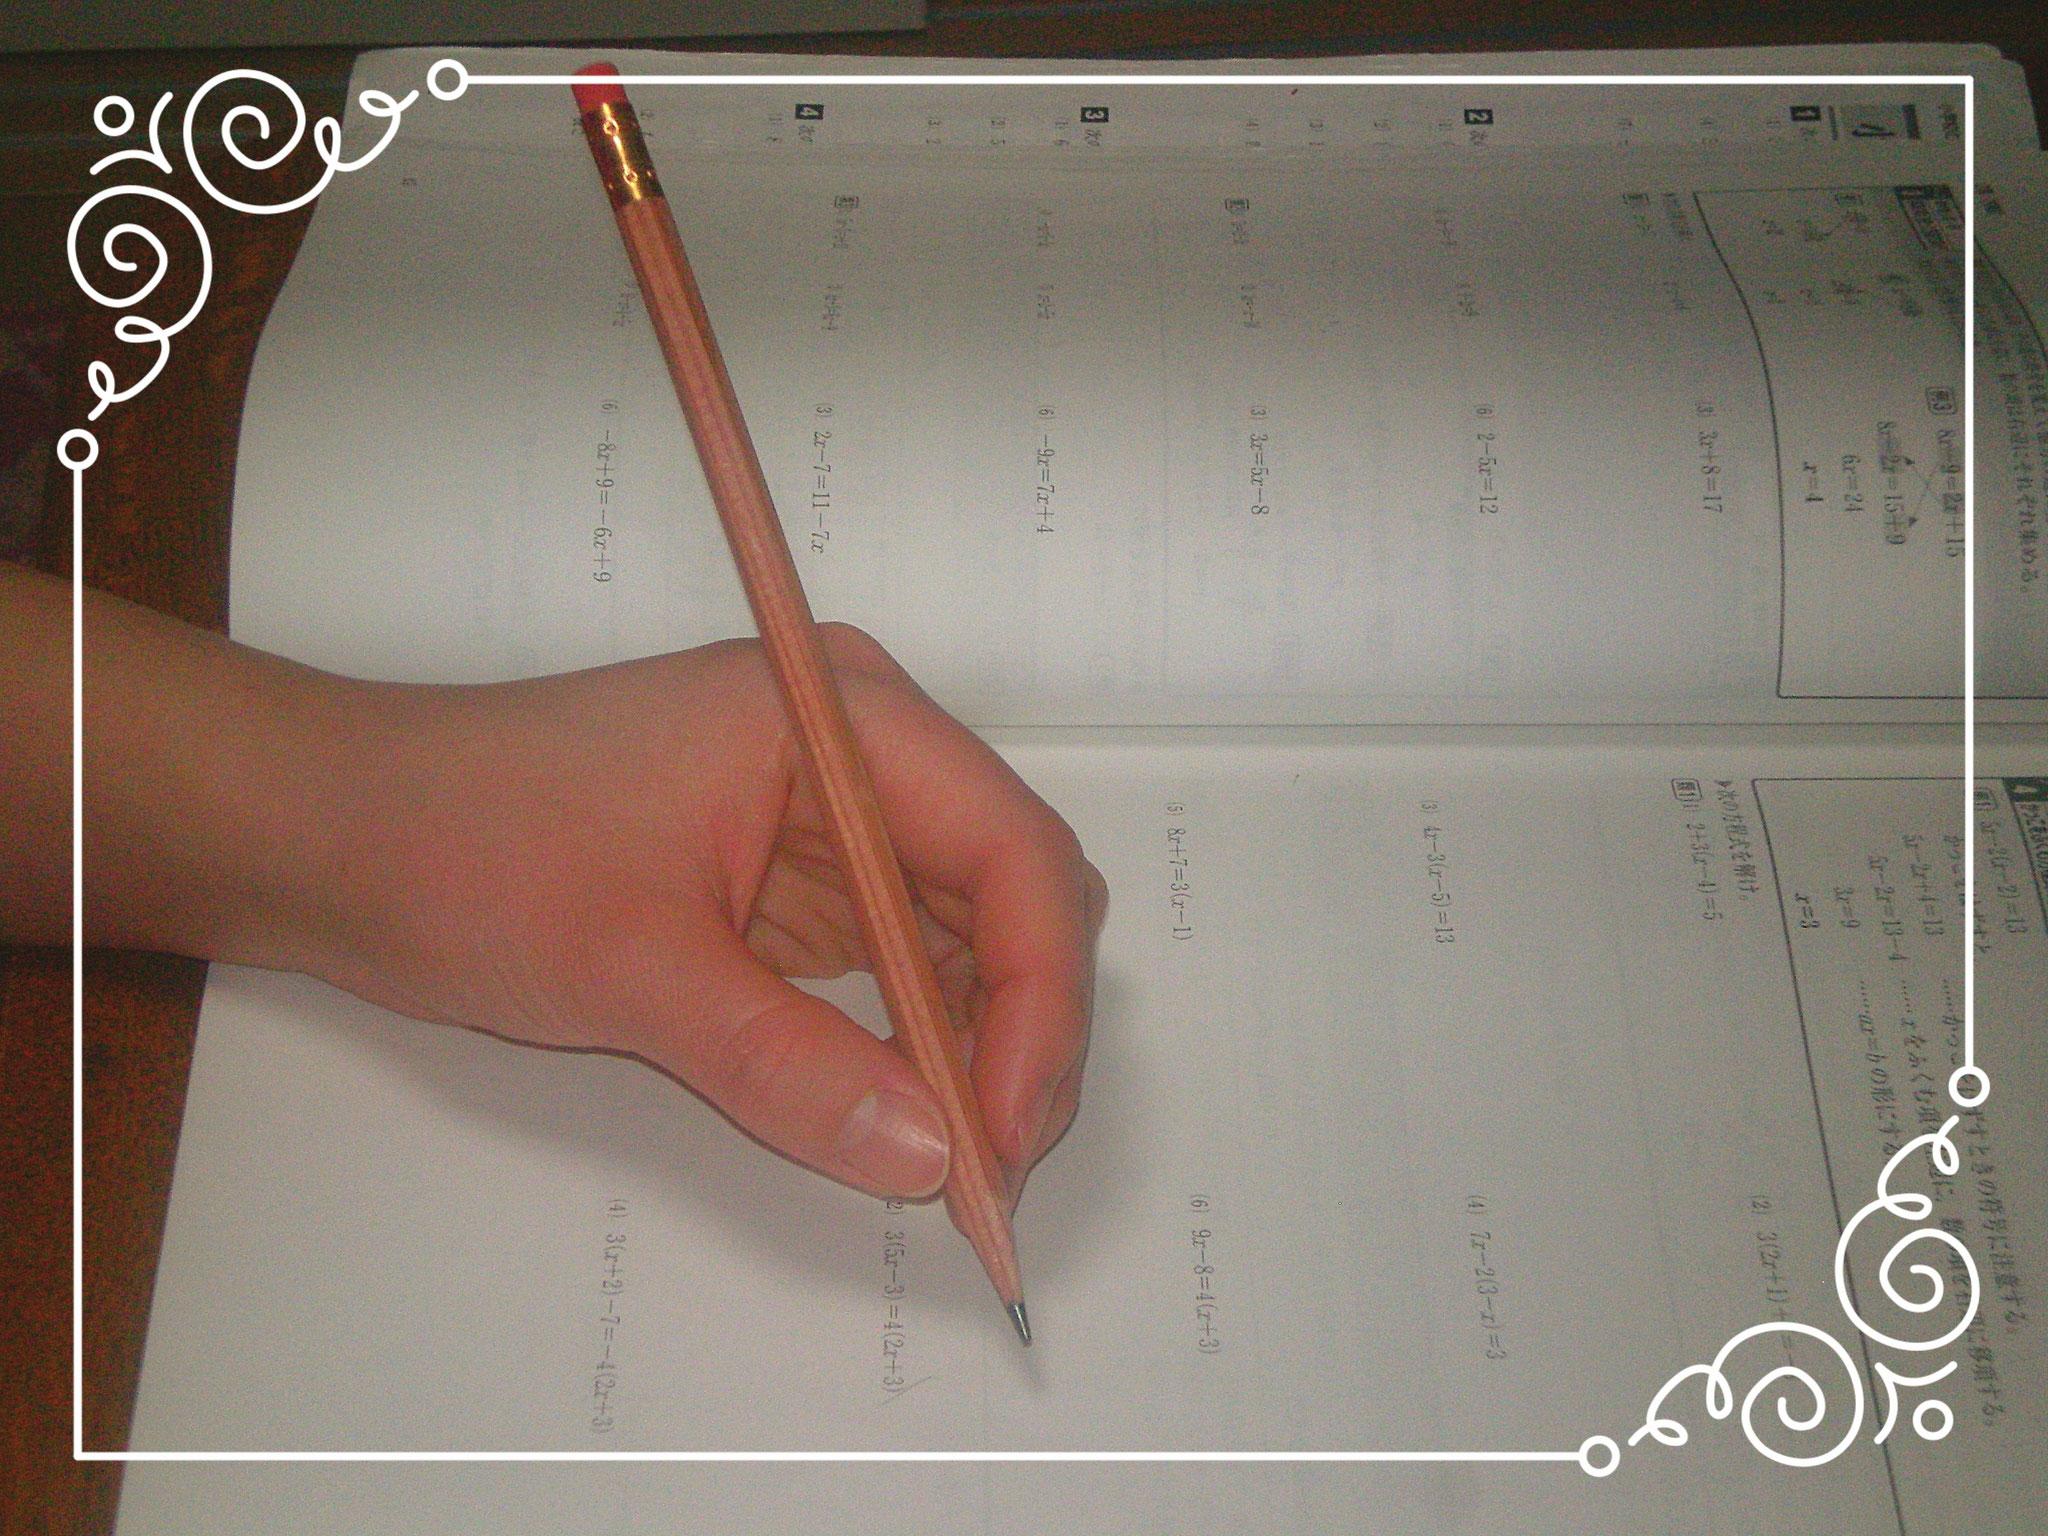 少人数制学習塾・個別指導塾 新年度授業4月8日スタート❗️ 新年度もファイト✊‼️